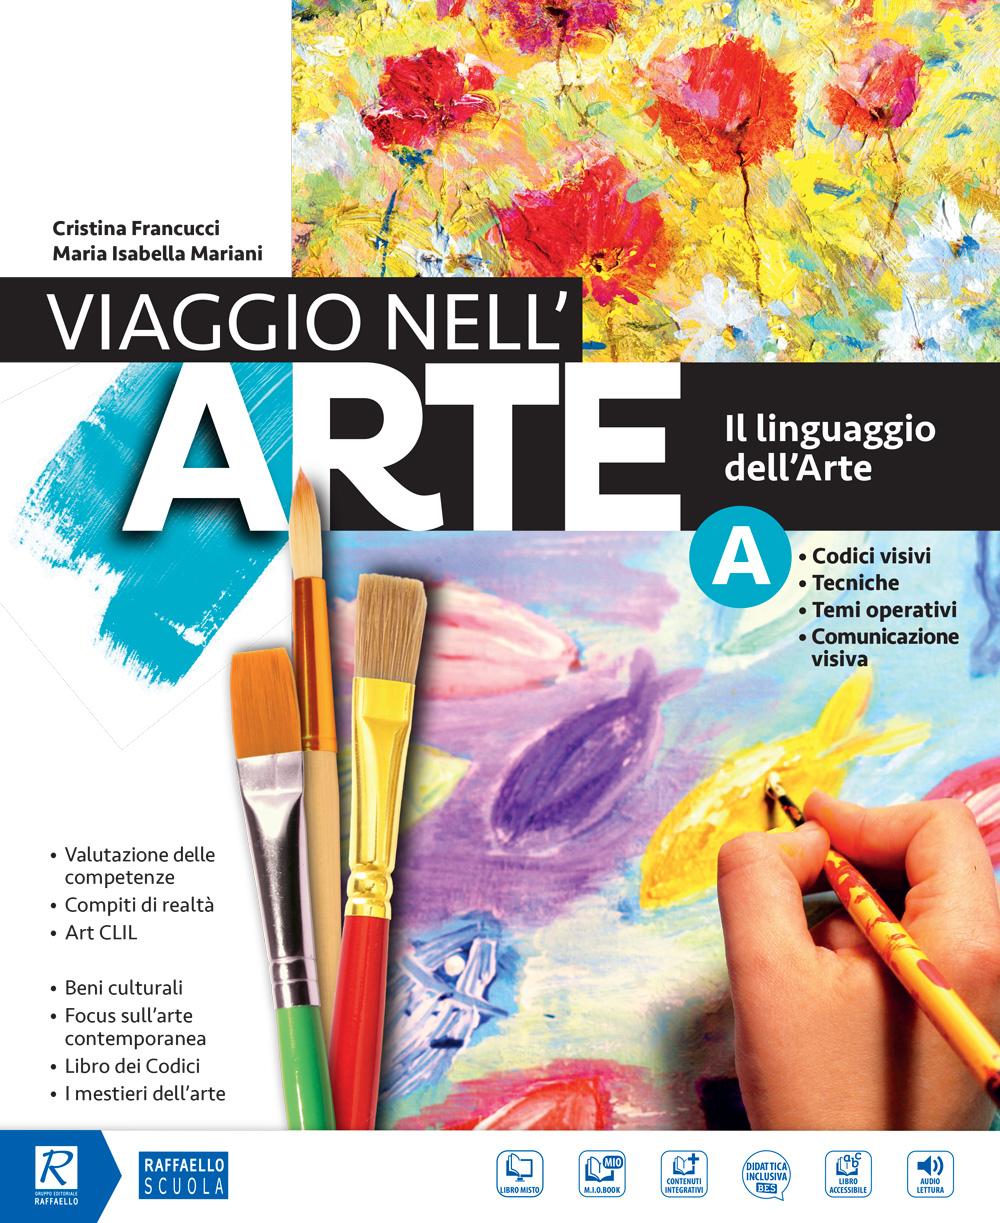 Viaggio nell'arte (Raffaello, Monte San Vito 2018)